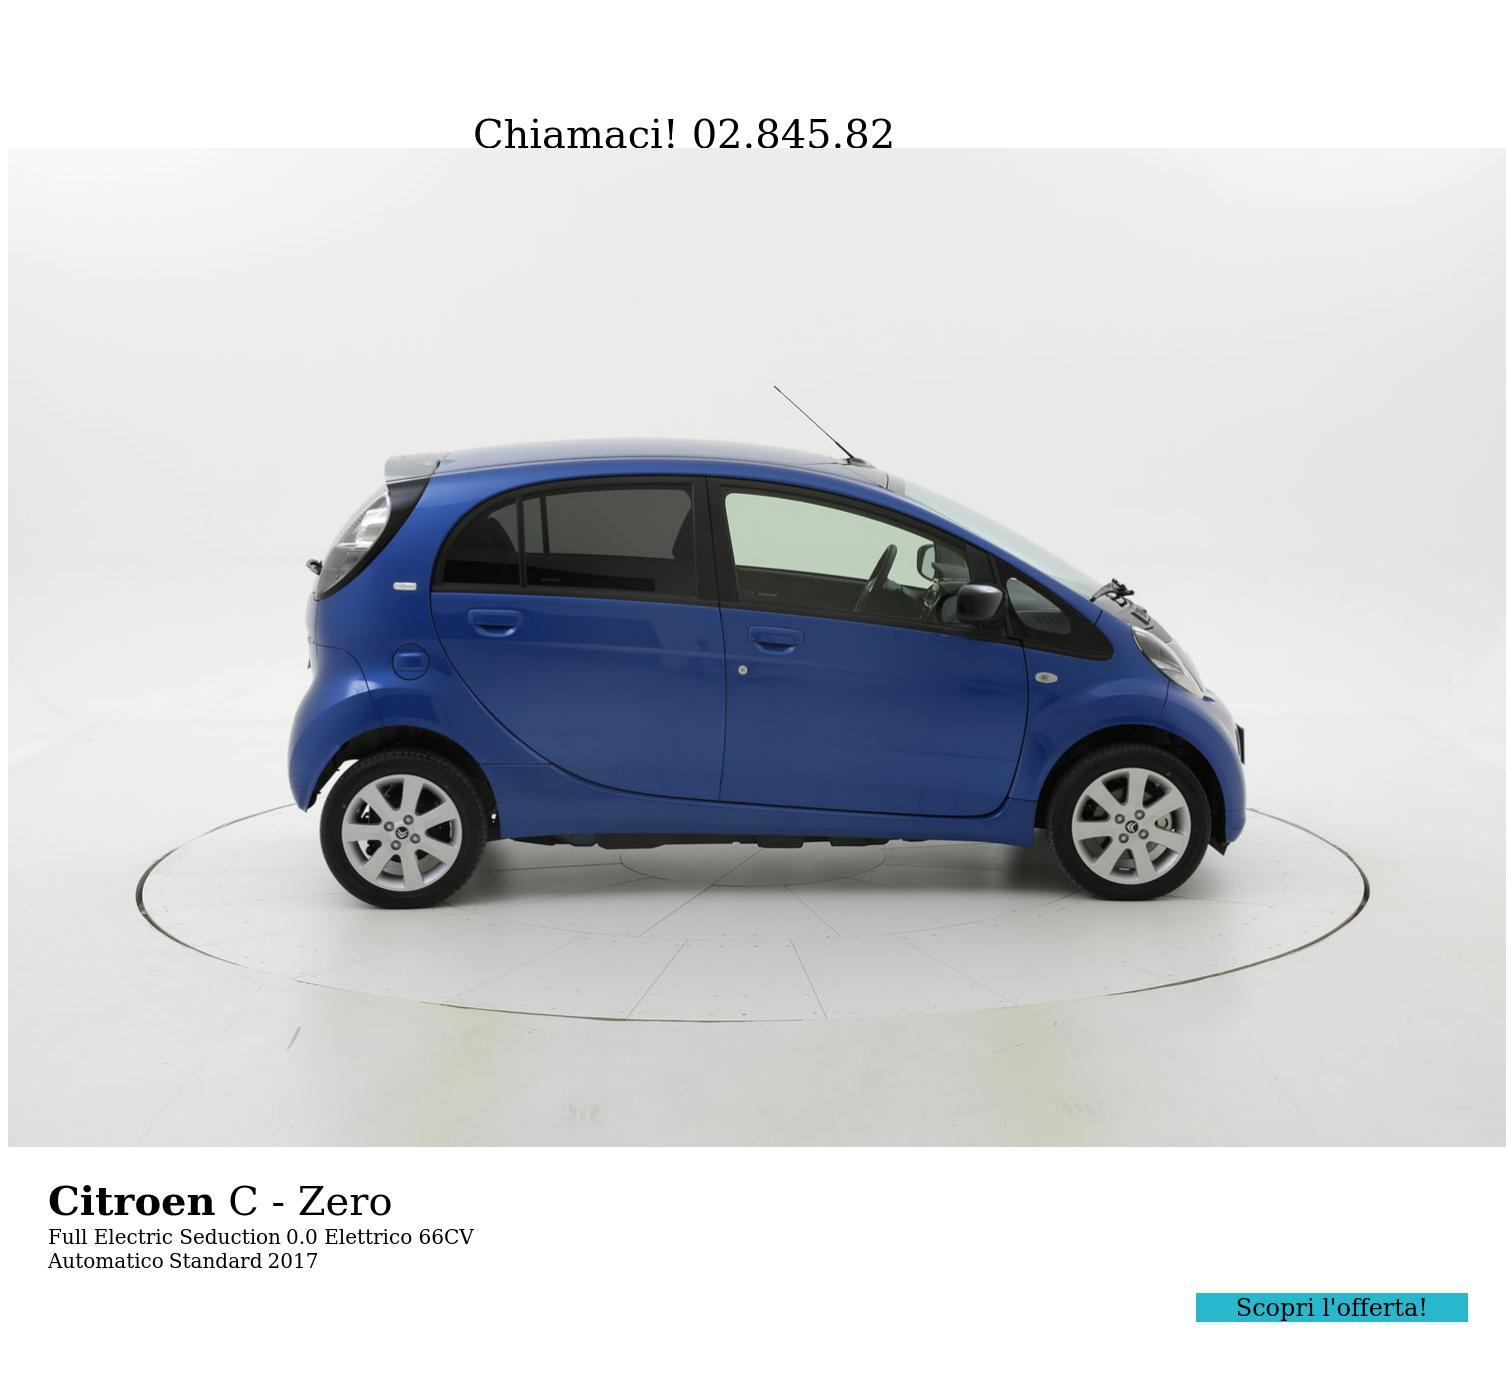 Citroen C - Zero Full Electric Seduction km 0 elettrico blu | brumbrum